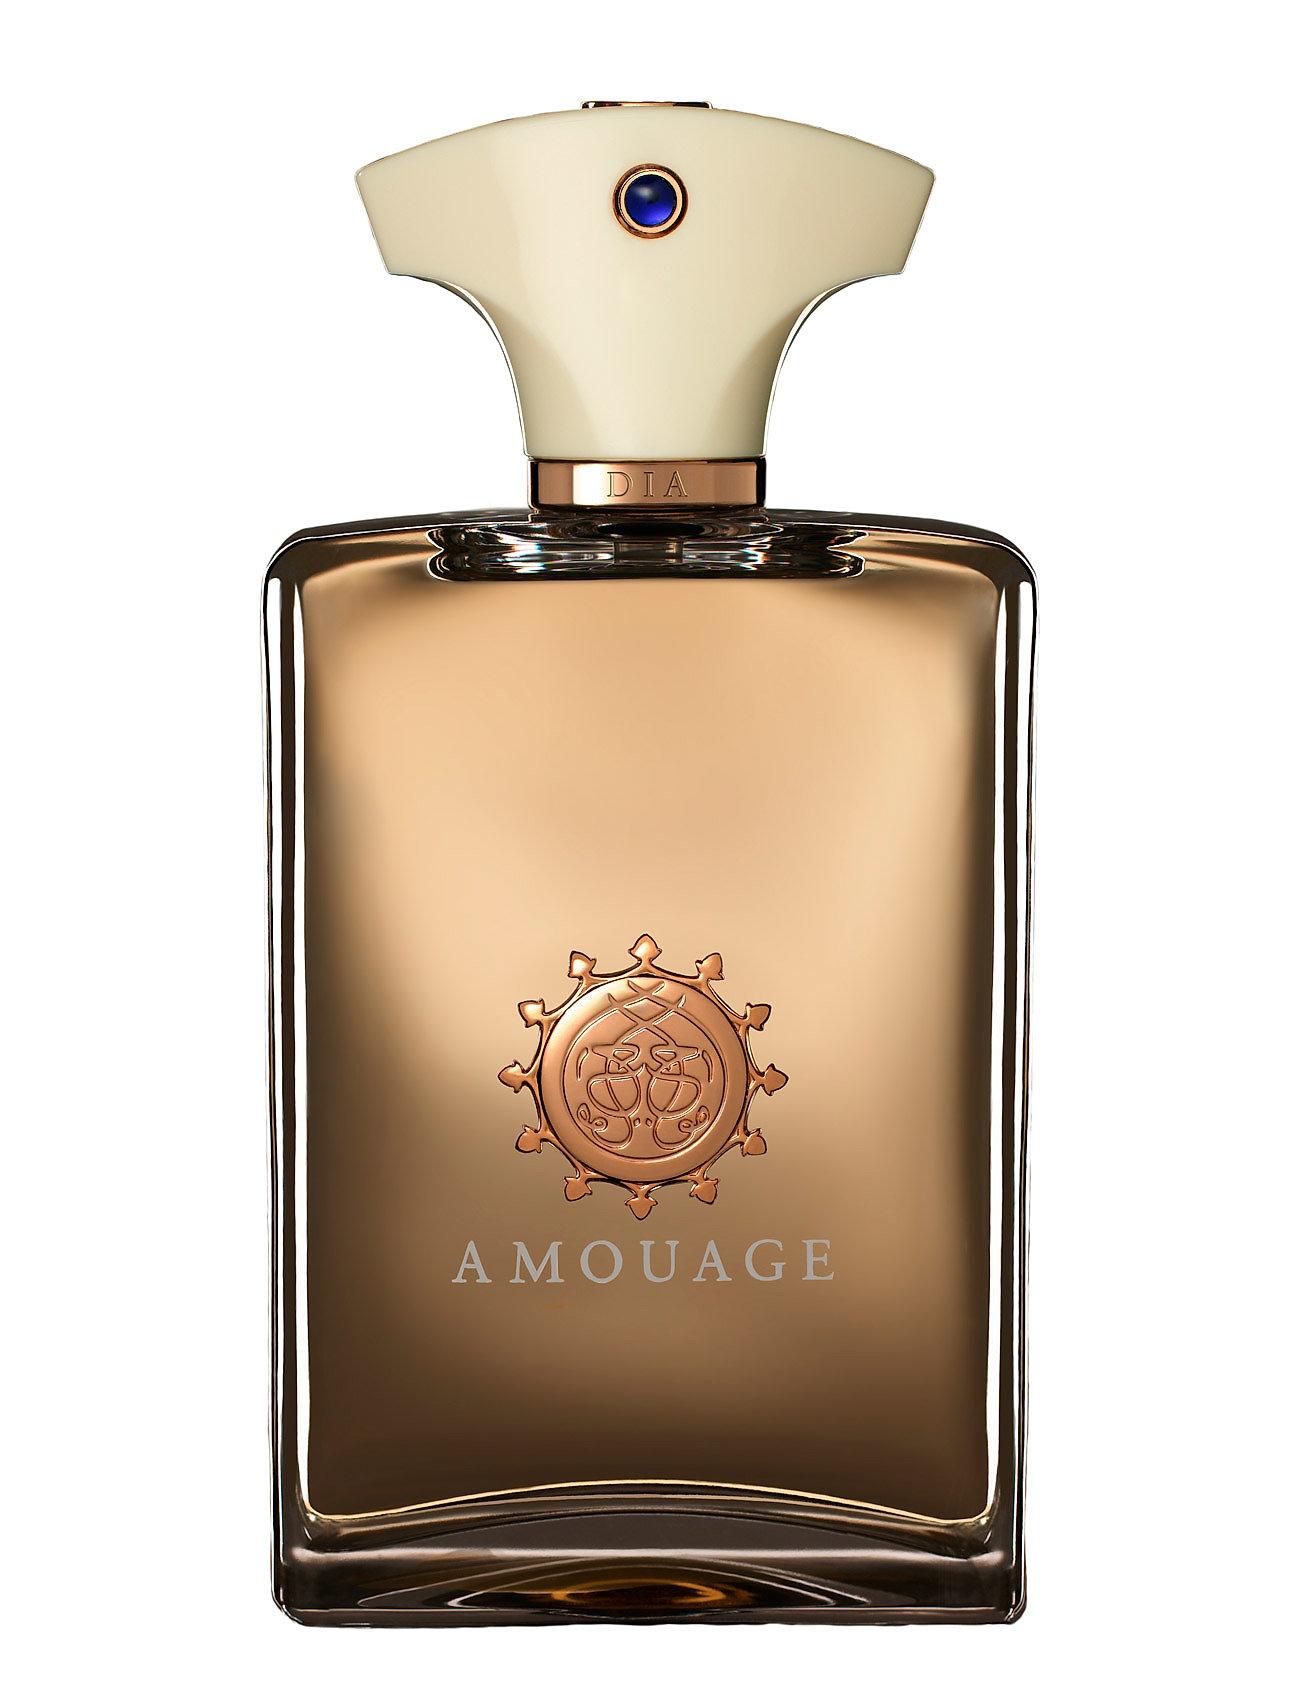 amouage – Dia man fra boozt.com dk